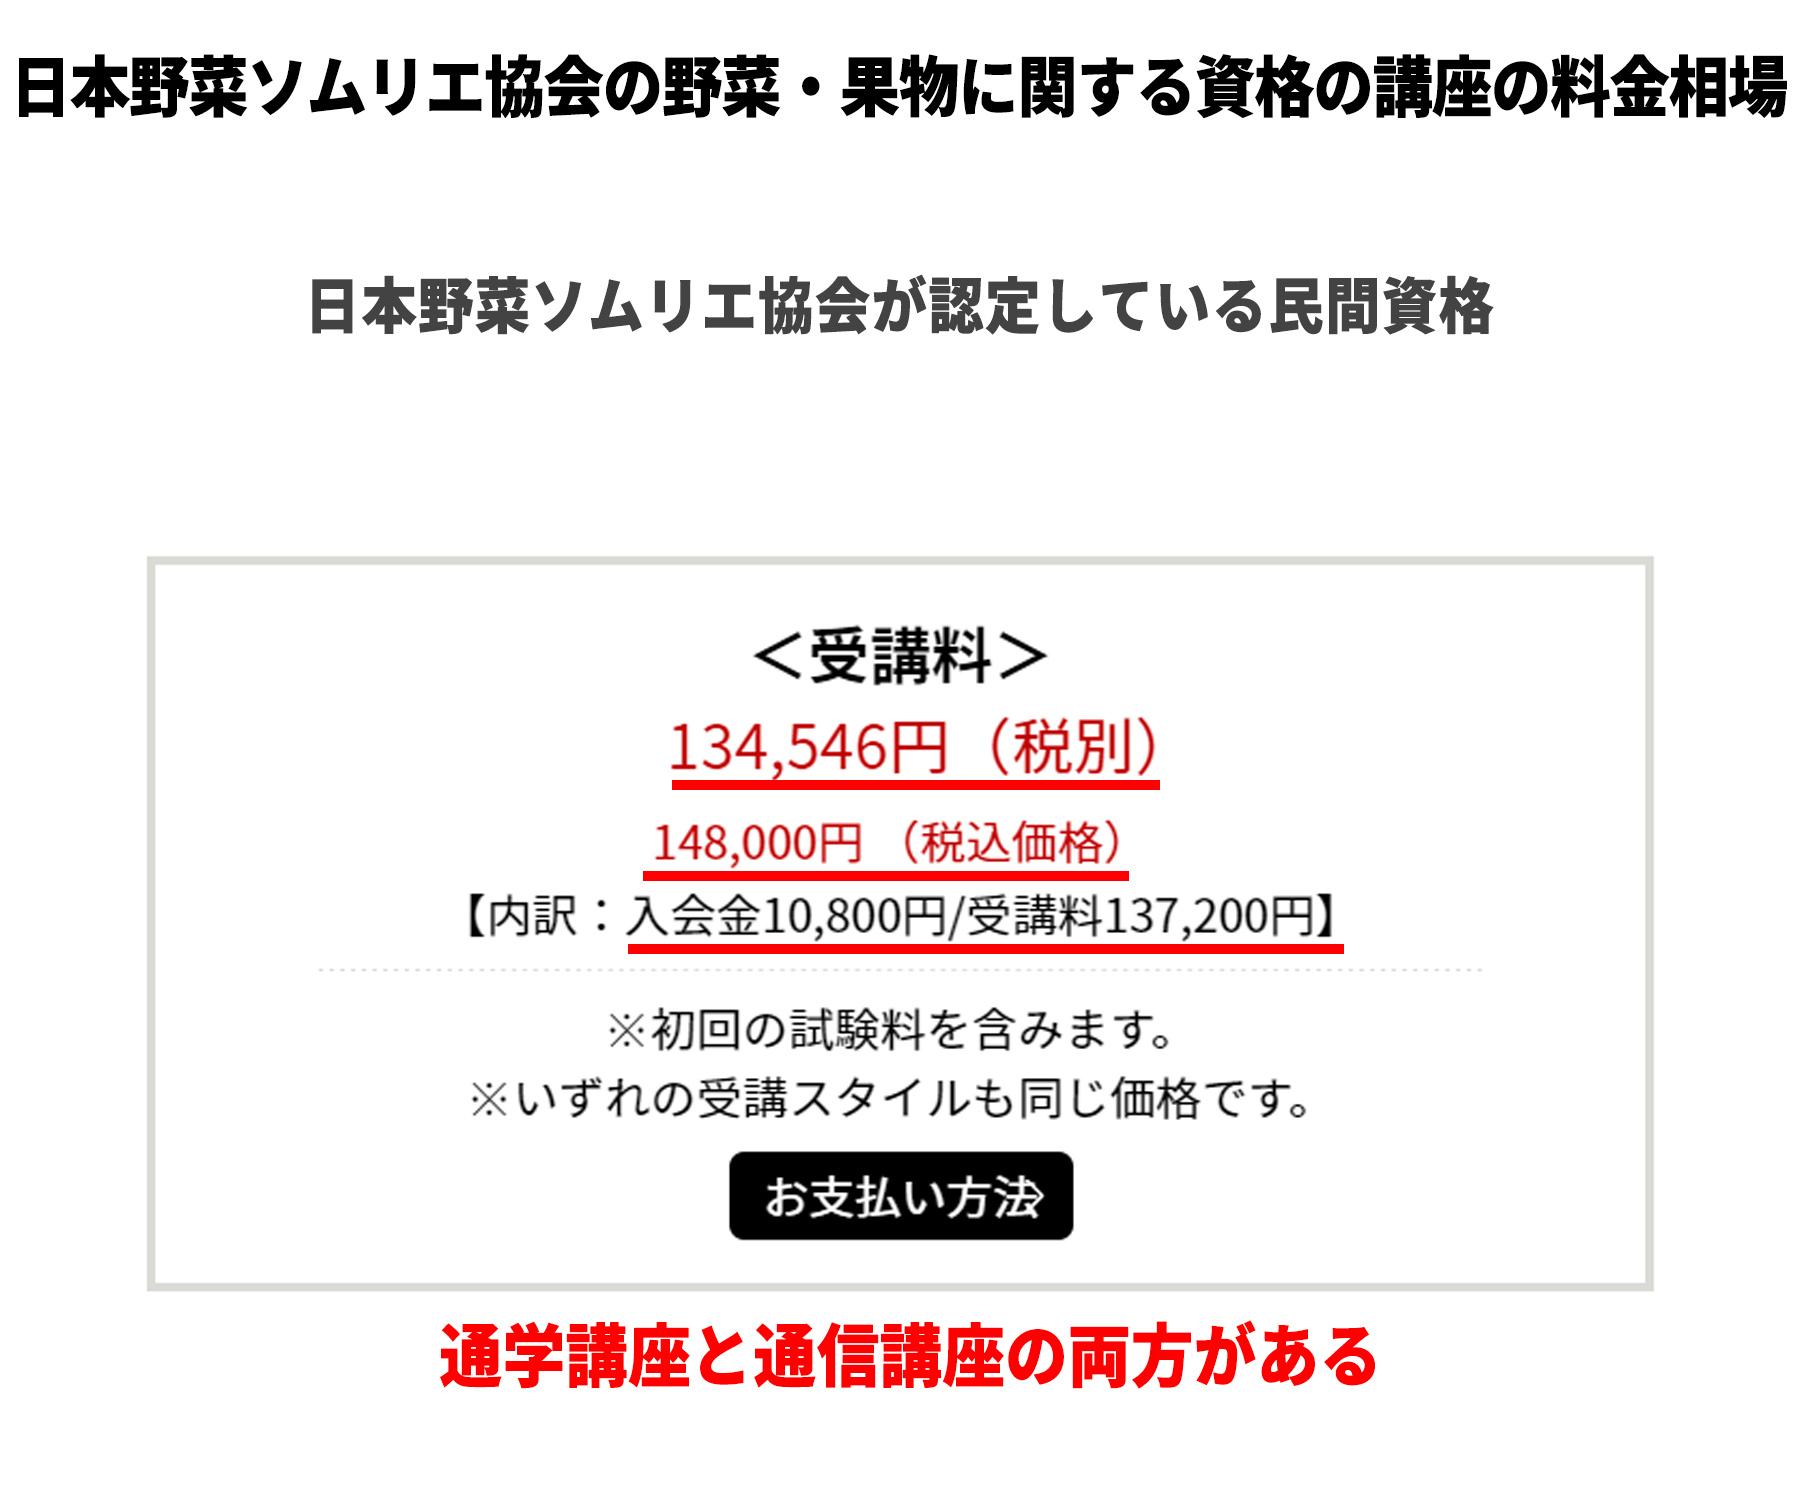 日本野菜ソムリエ協会の野菜・果物に関する資格の講座の料金相場